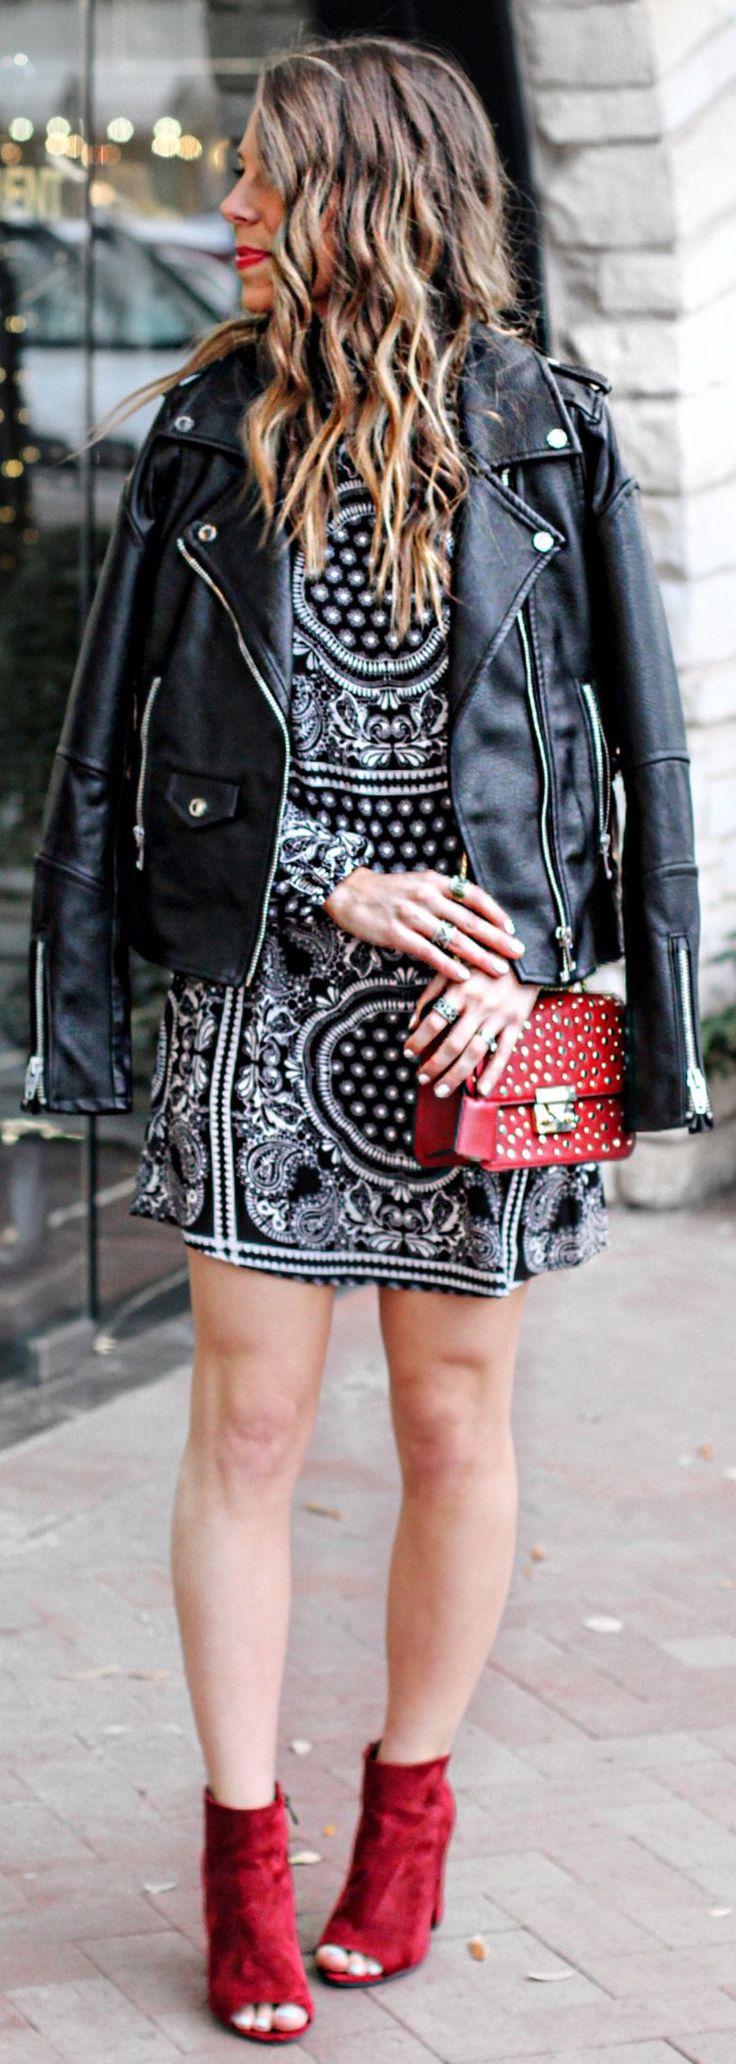 Black Leather Jacket / Printed Dress / Red Studded Shoulder Bag / Red Velvet Open Toe Booties